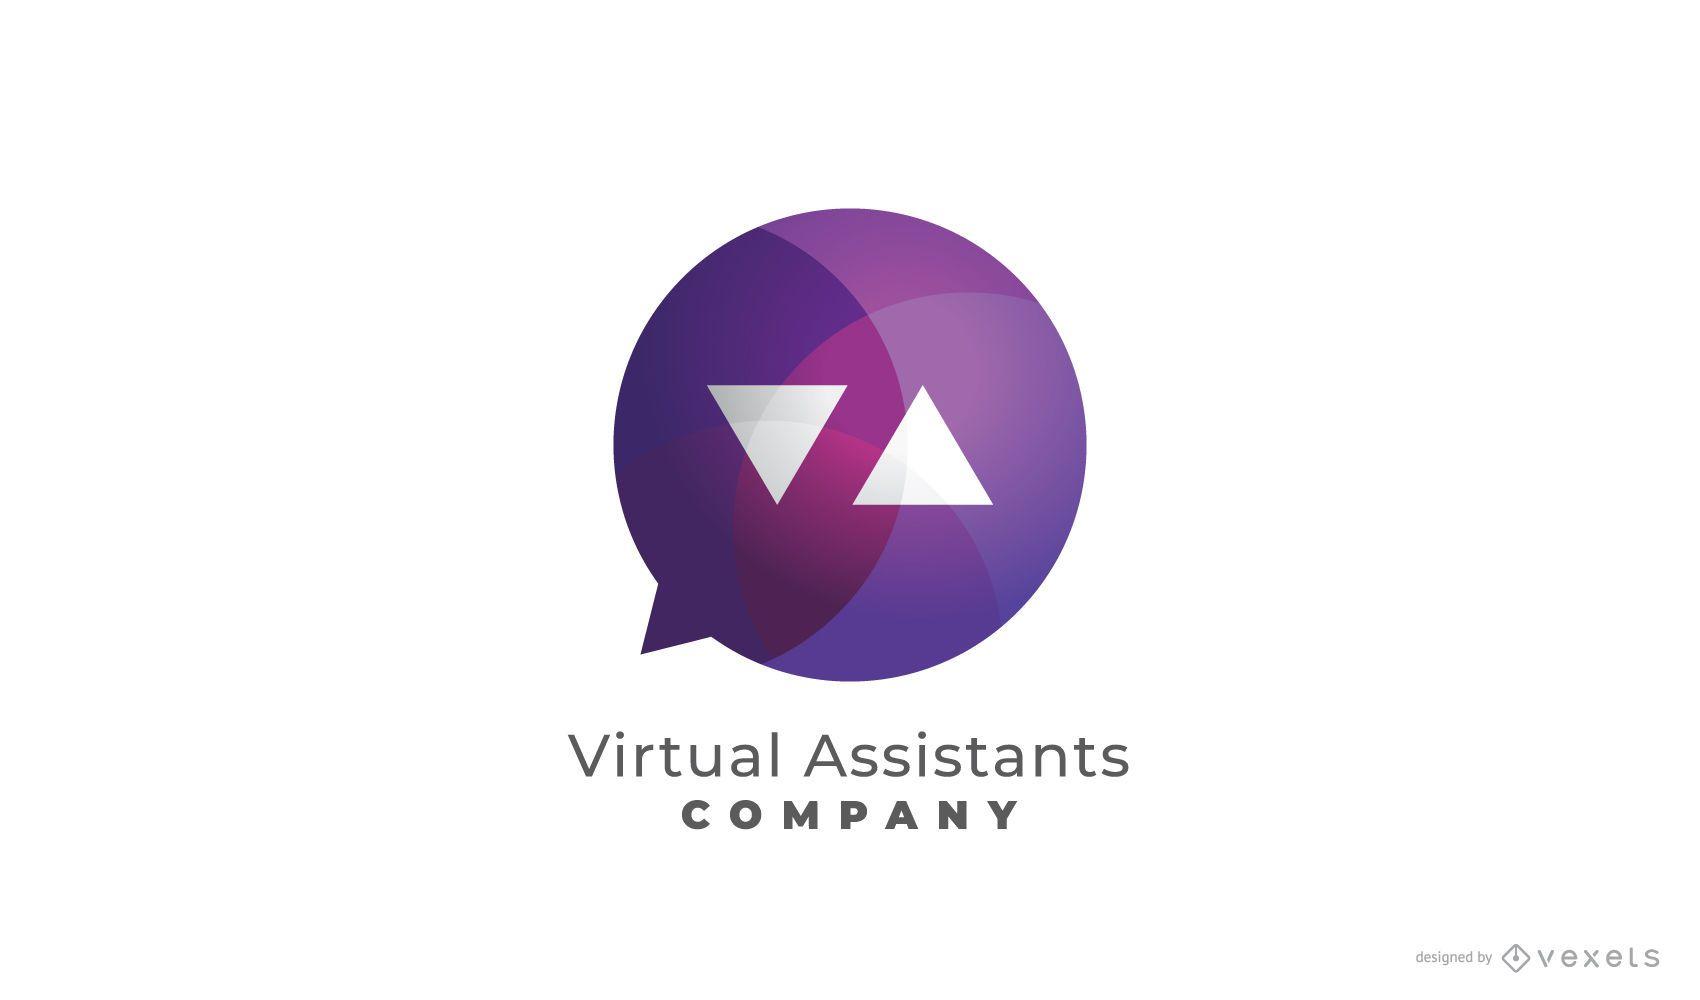 Diseño de logotipo de asistente virtual de icono de burbuja